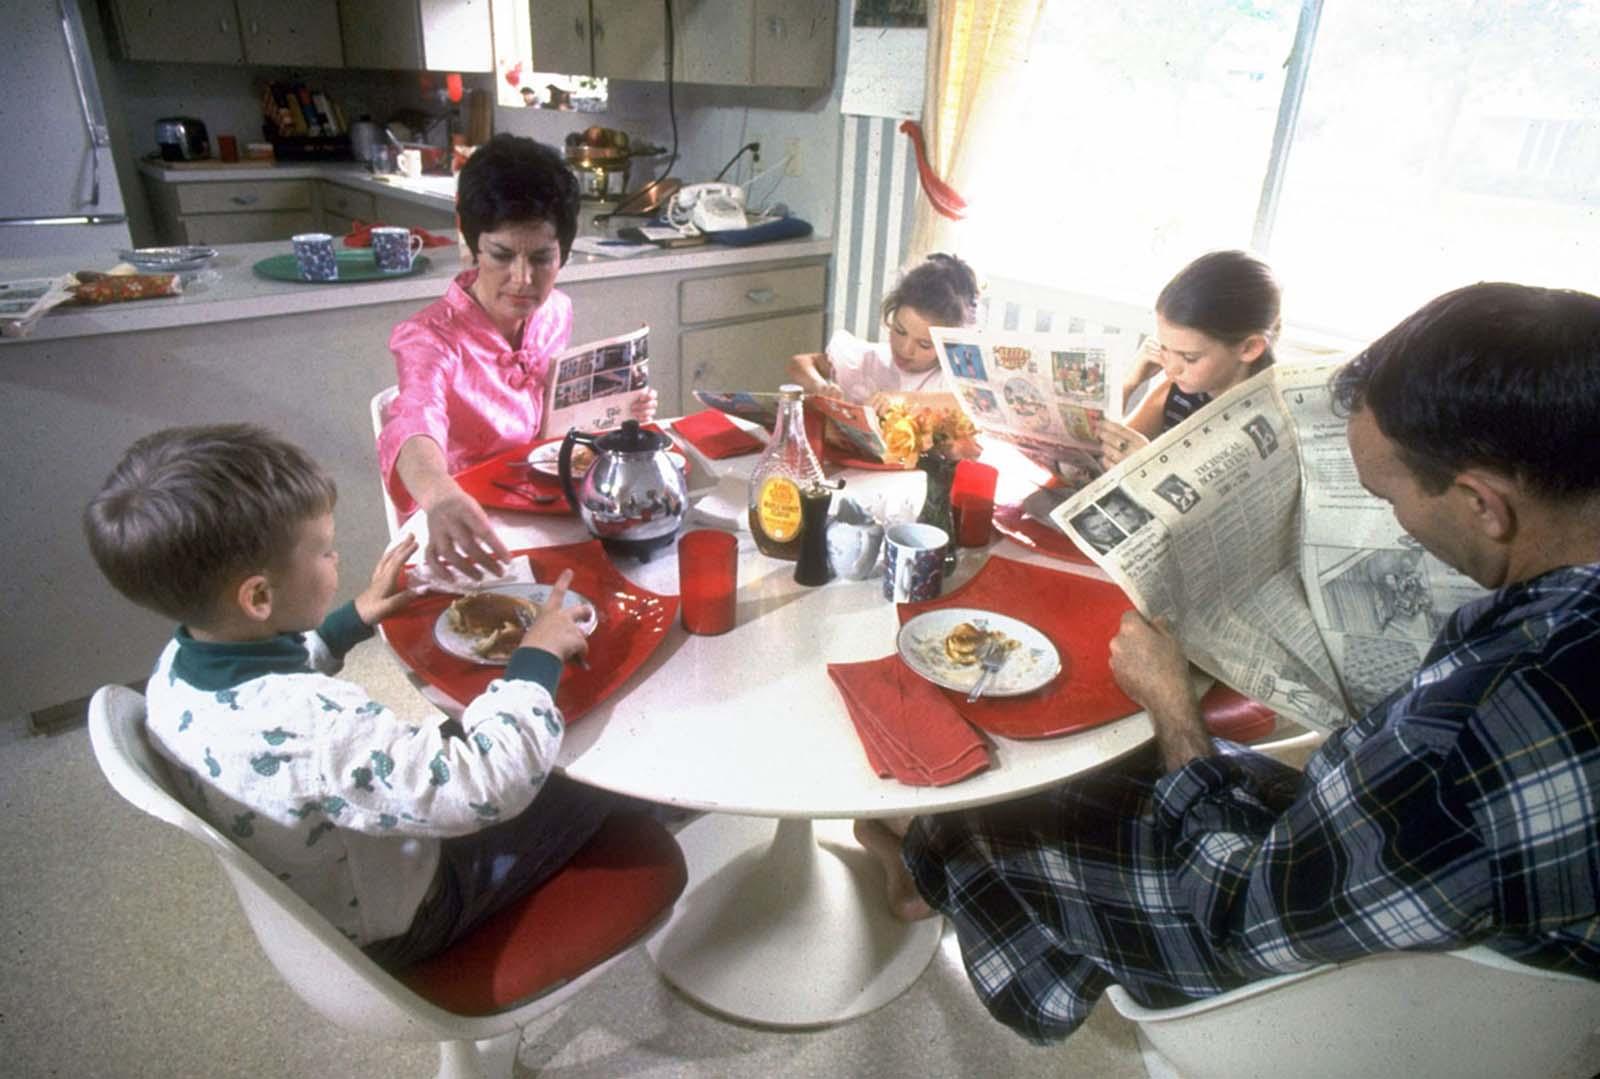 De uma revista da revista Life sobre os astronautas da Apollo em casa, uma foto de Michael e Pat Collins e seus filhos desfrutando de um café da manhã panqueca relaxante em março de 1969.